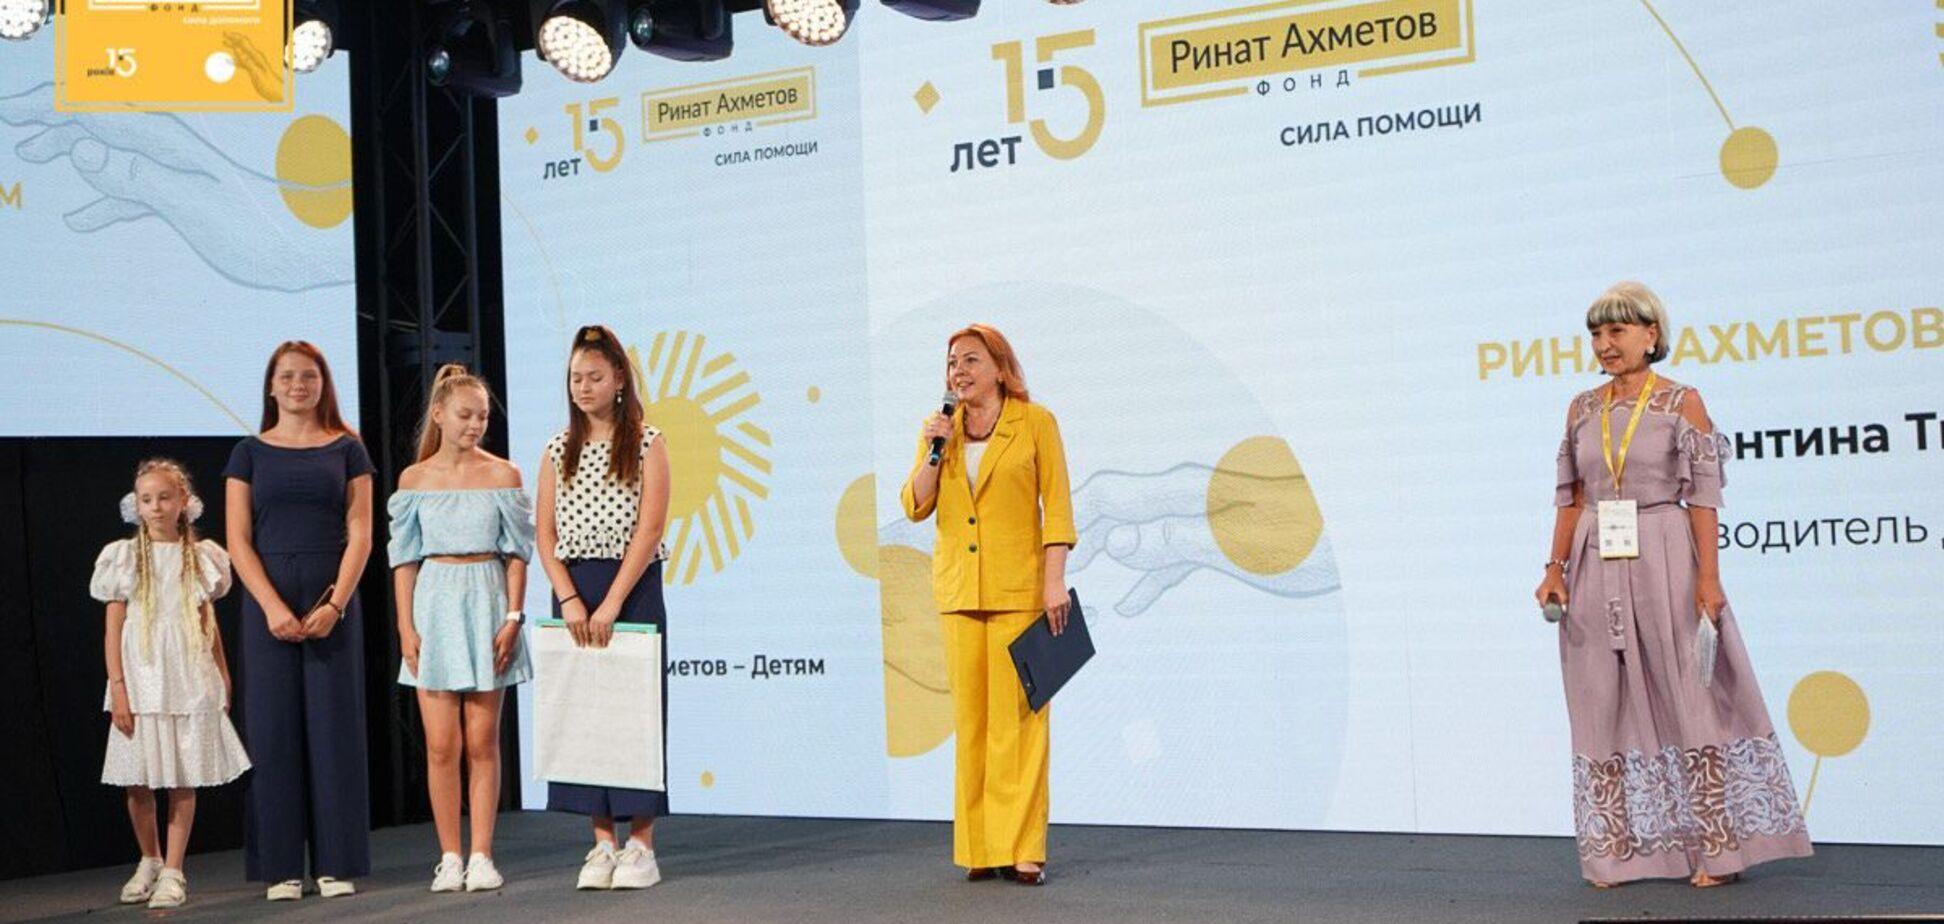 Фонд Рината Ахметова за 15 лет работы достиг значительных результатов